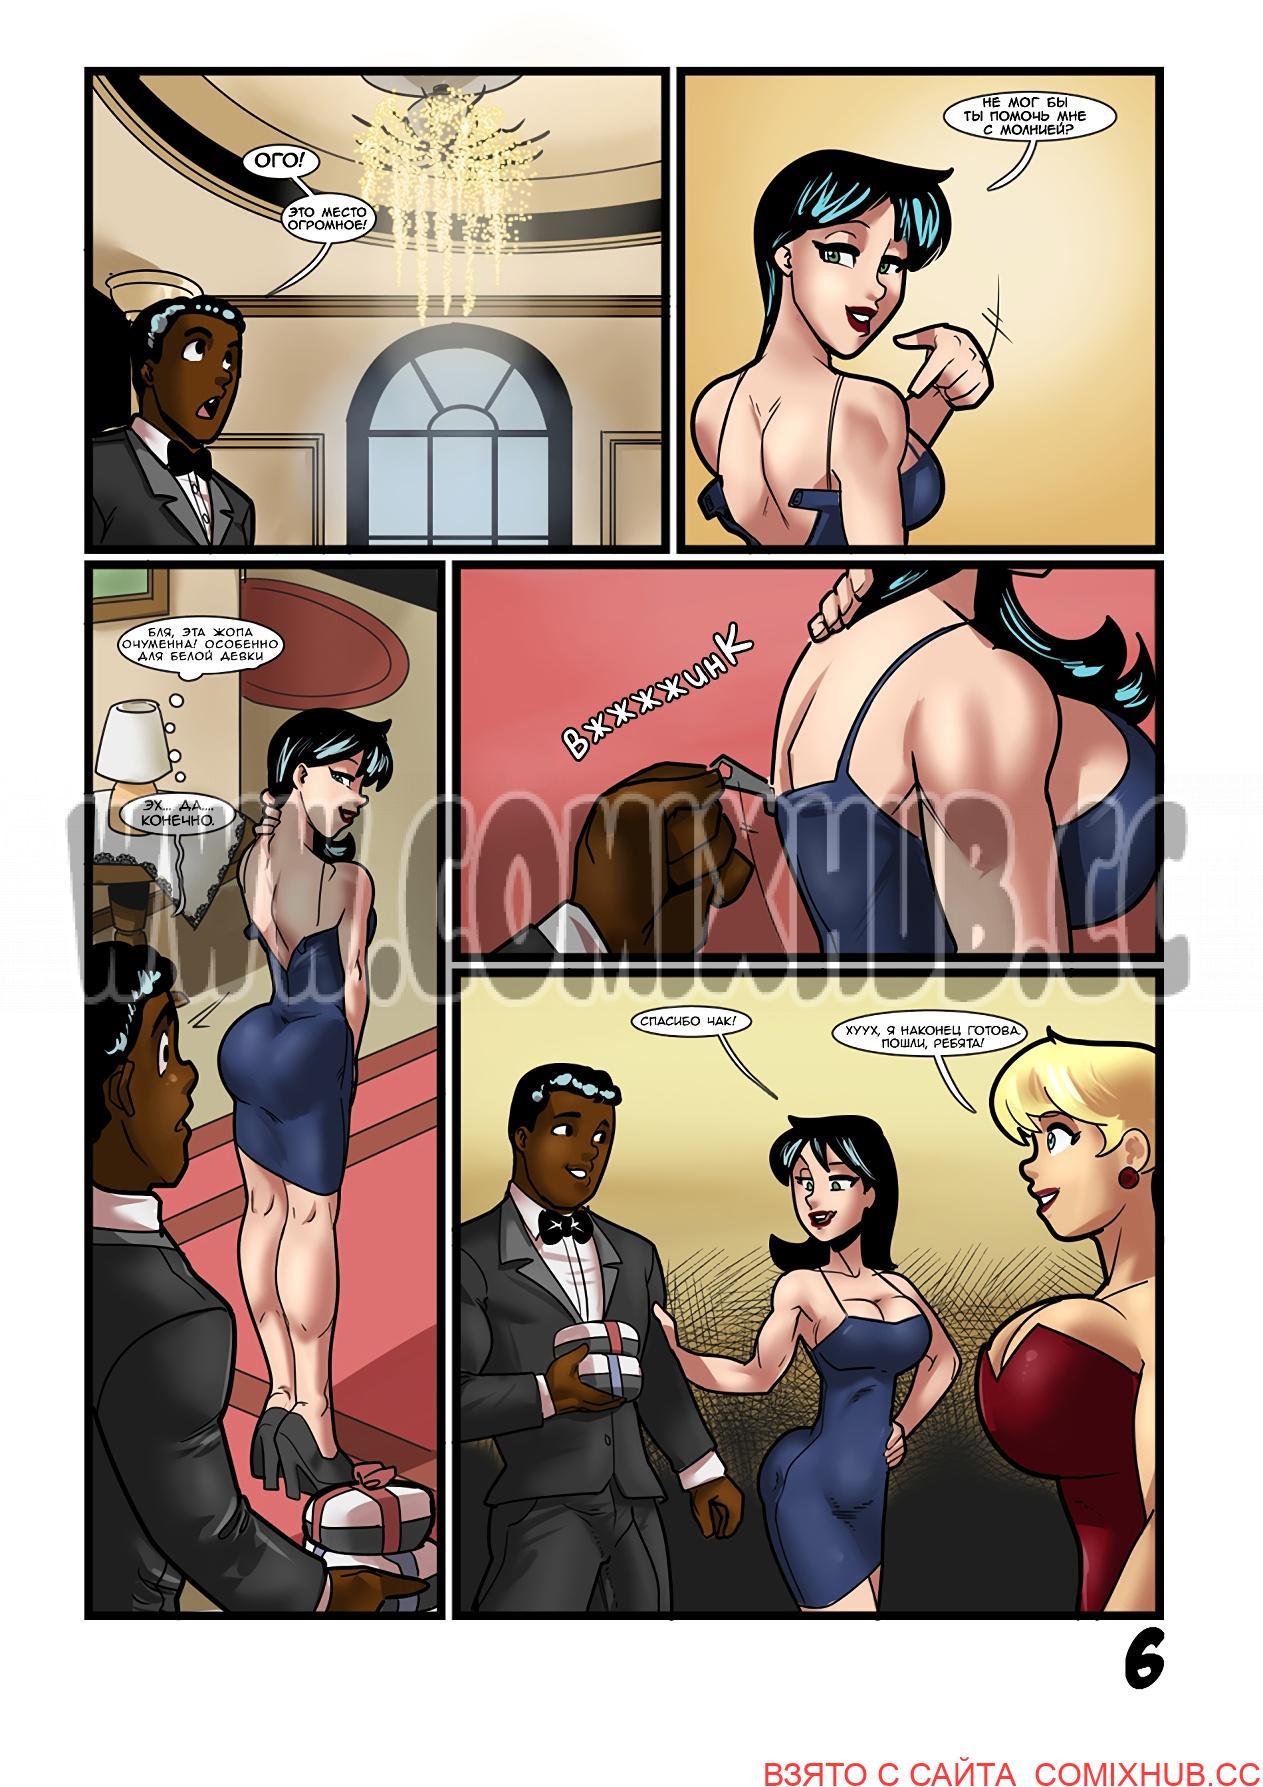 Бэтти & Вероника - Однажды попробовав чёрного, порно комиксы Измена, Большая попа, Групповой секс, Порно комиксы